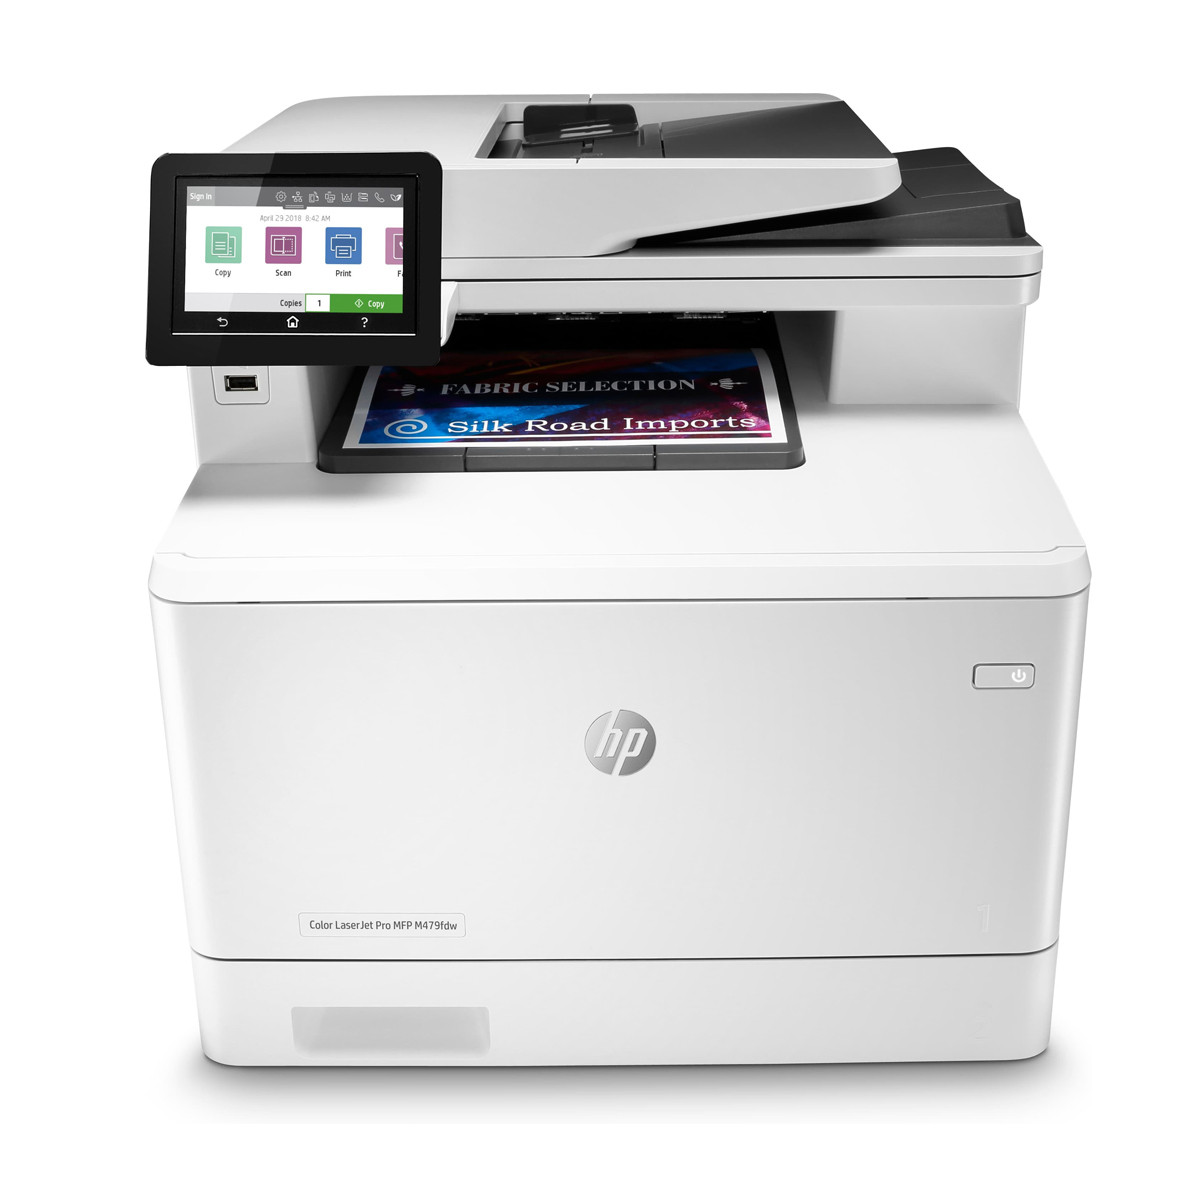 Impressora HP LaserJet M479FDW W1A80A   Multifuncional com Wireless